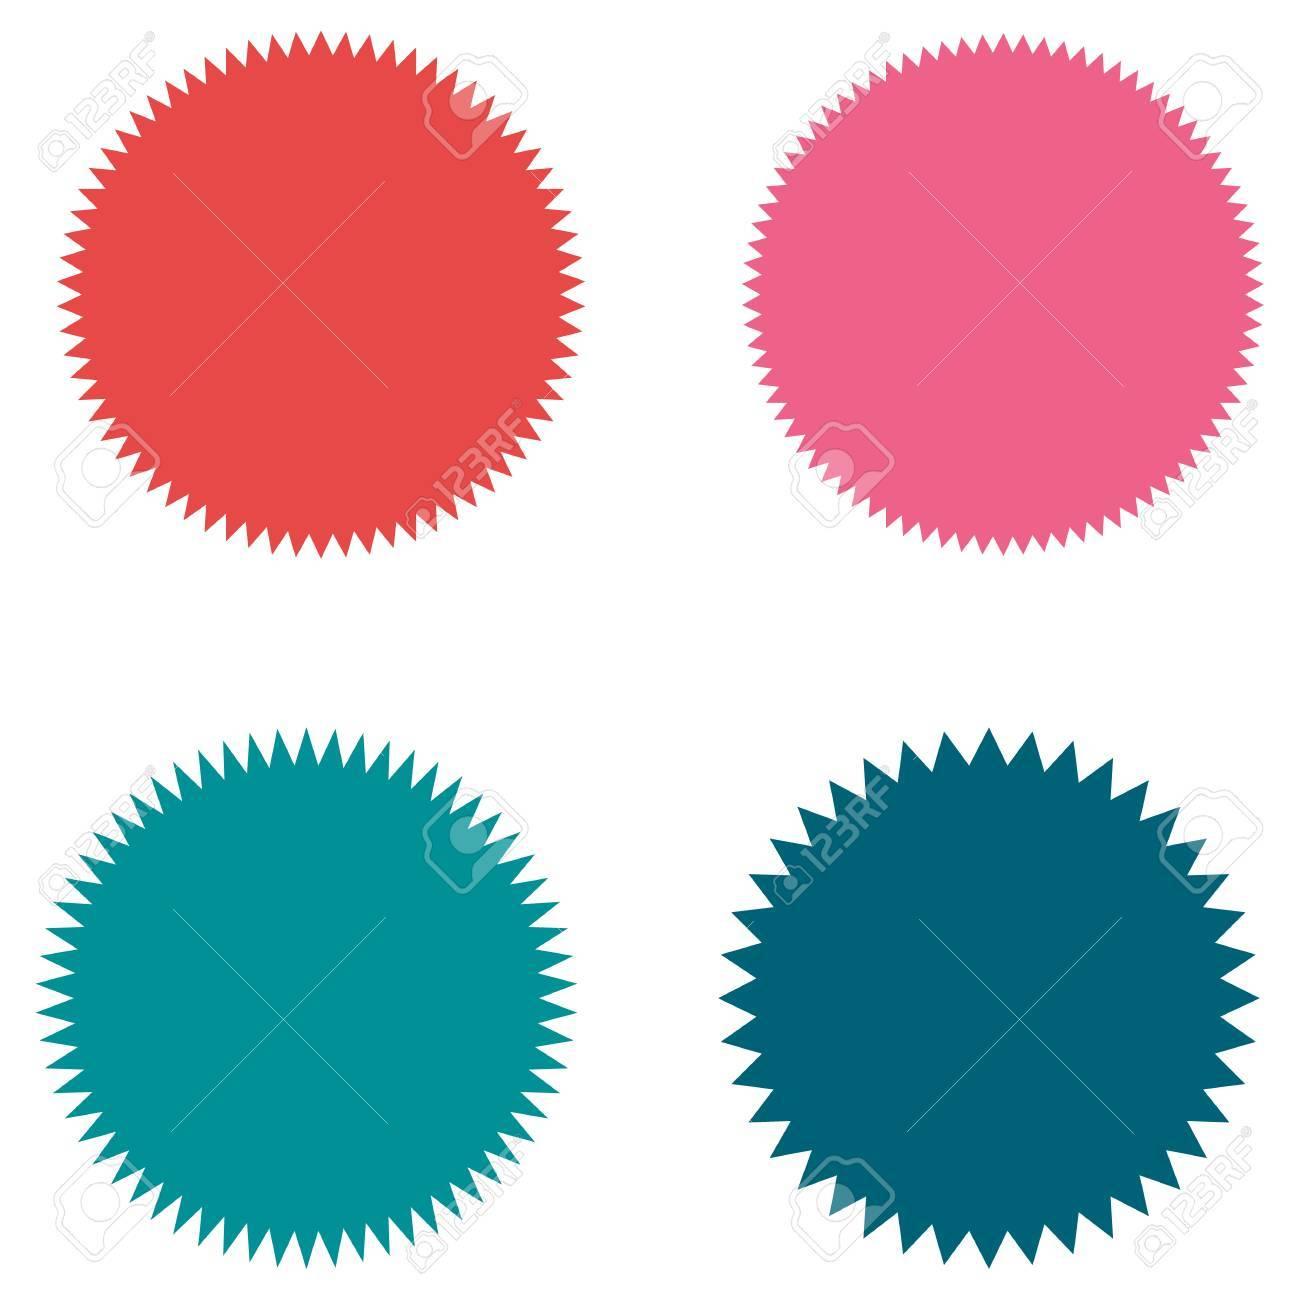 set of starburst sunburst badges labels stickers pink and